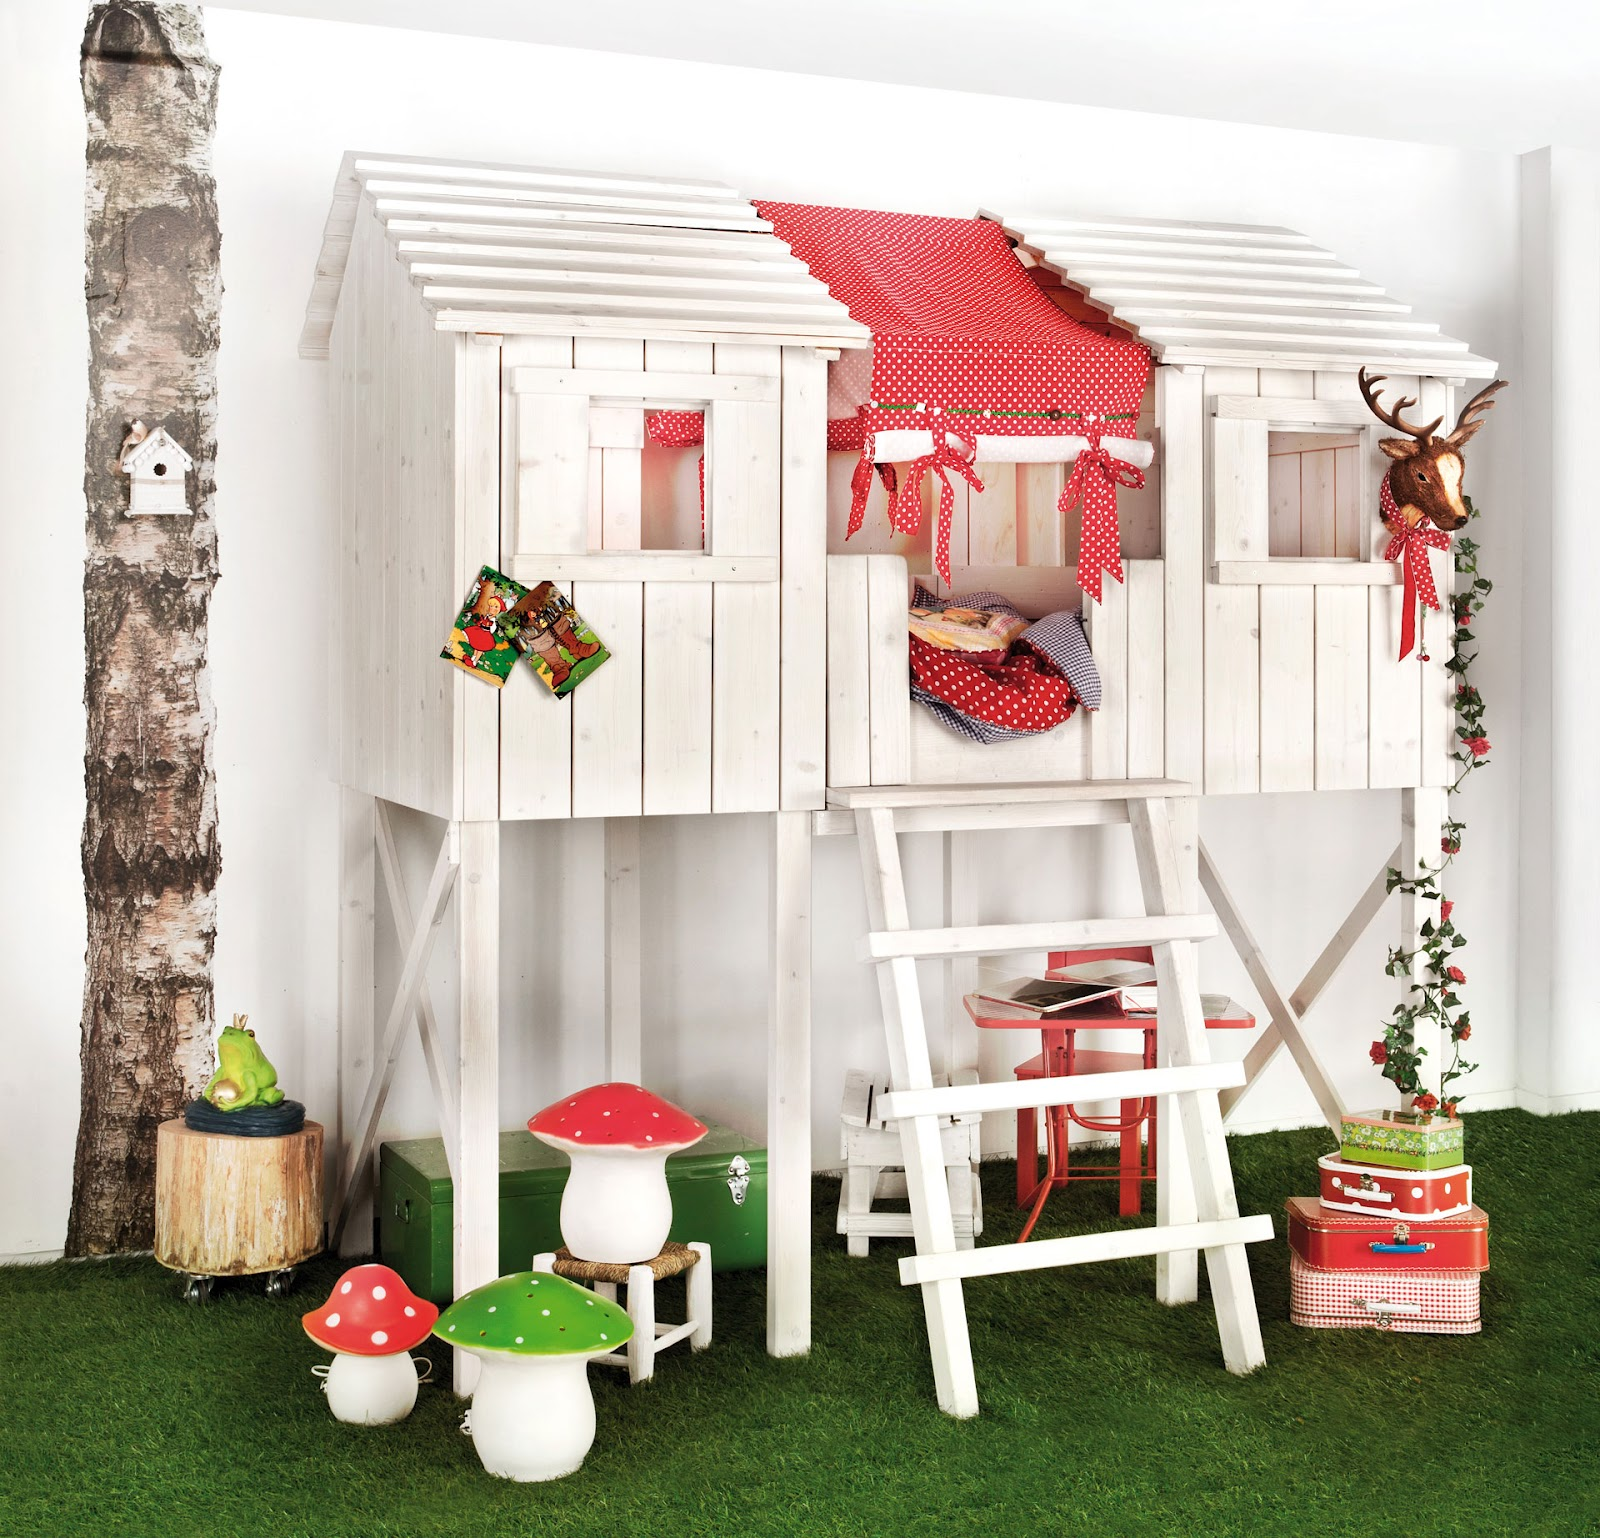 Dormitorios de ni os para espacios peque os decoracion for Cuartos para ninas pequenos